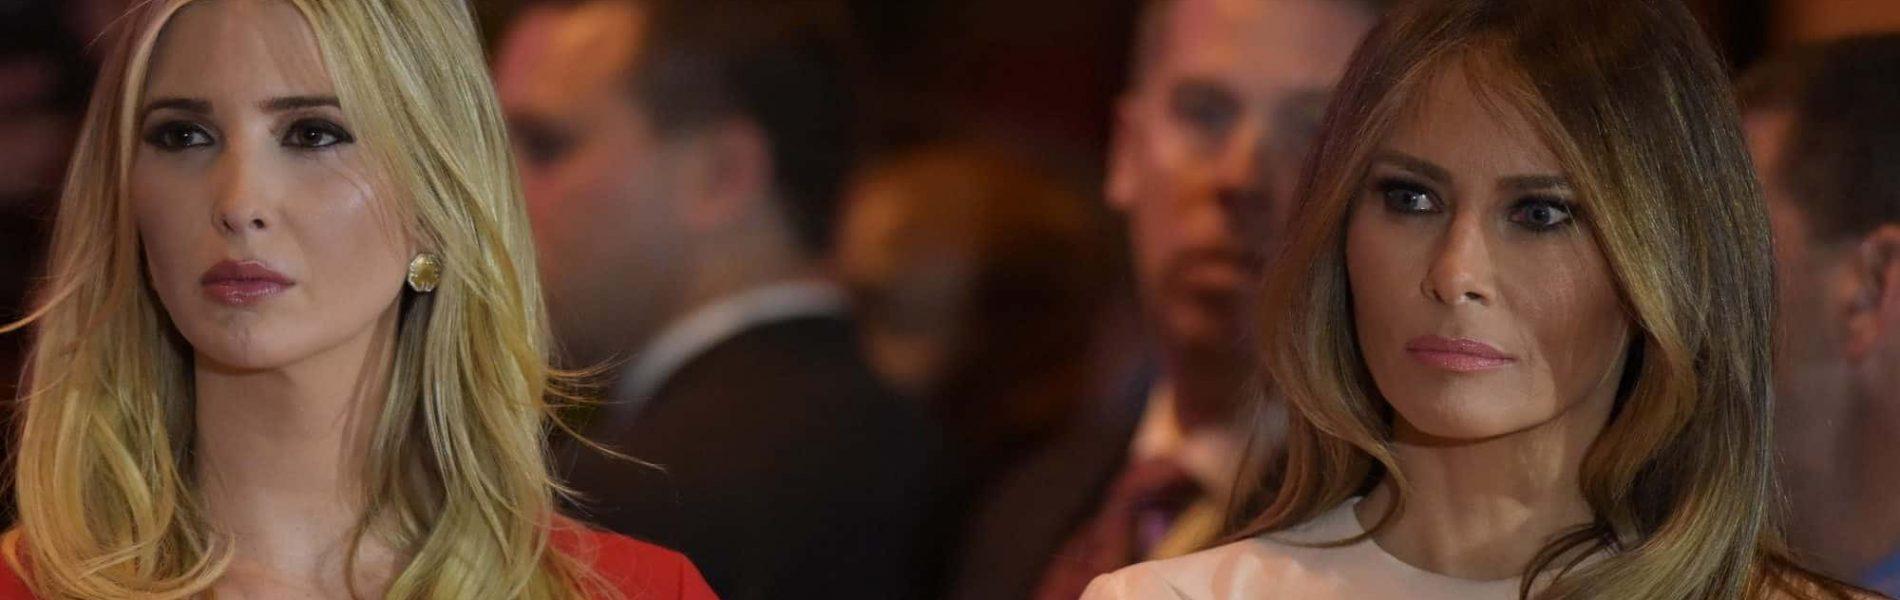 איך עקפה איוונקה טראמפ את מלניה והפכה לאחת הנשים החזקות בעולם?